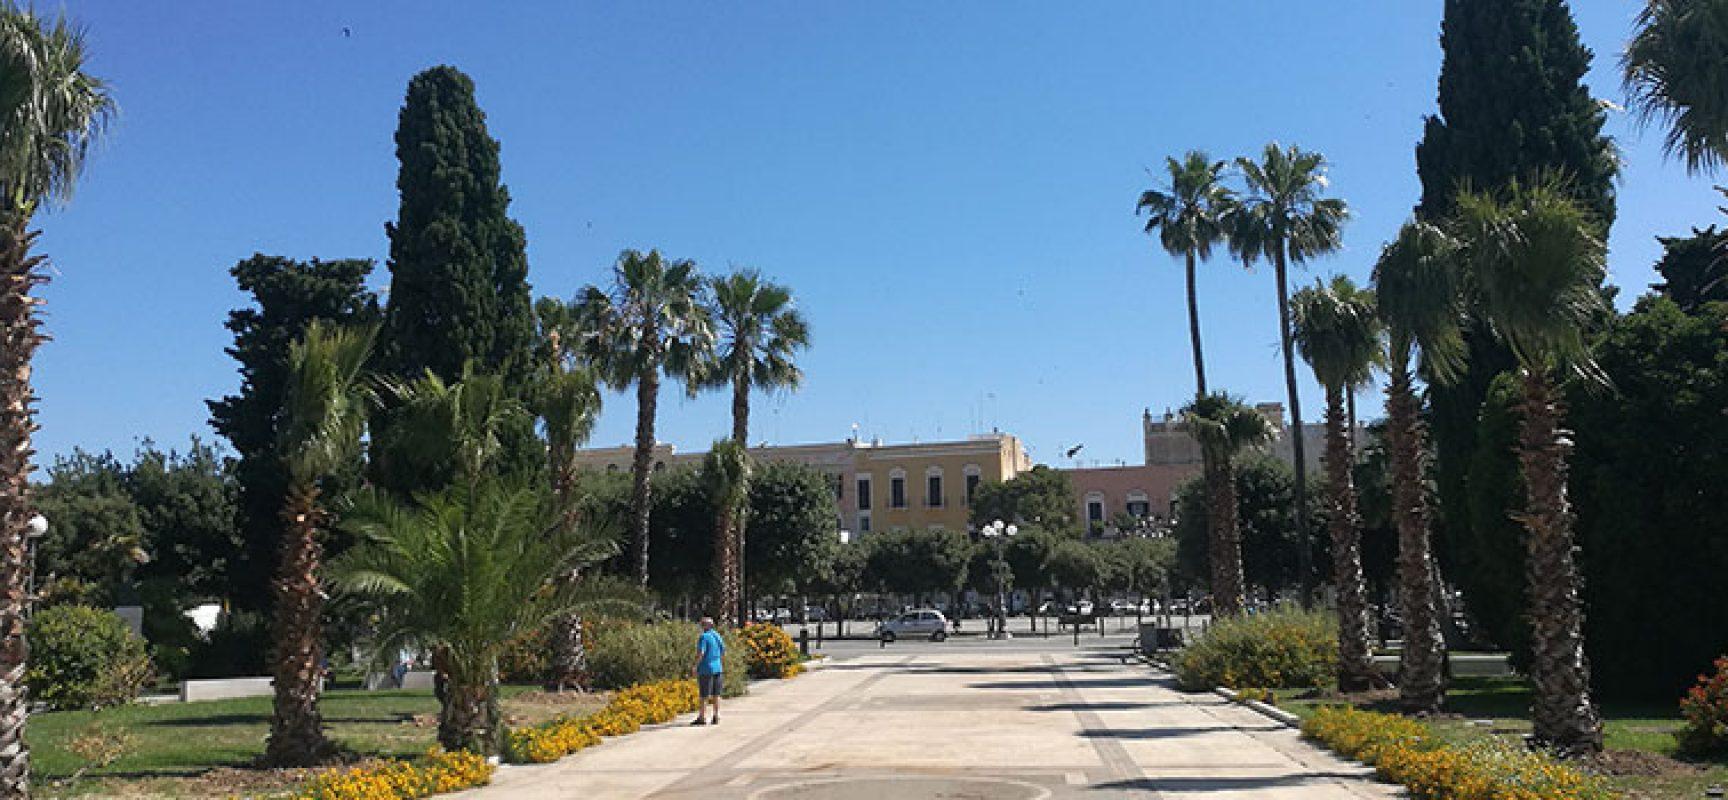 Nuove piantumazioni in piazza Vittorio Emanuele e via sant'Andrea